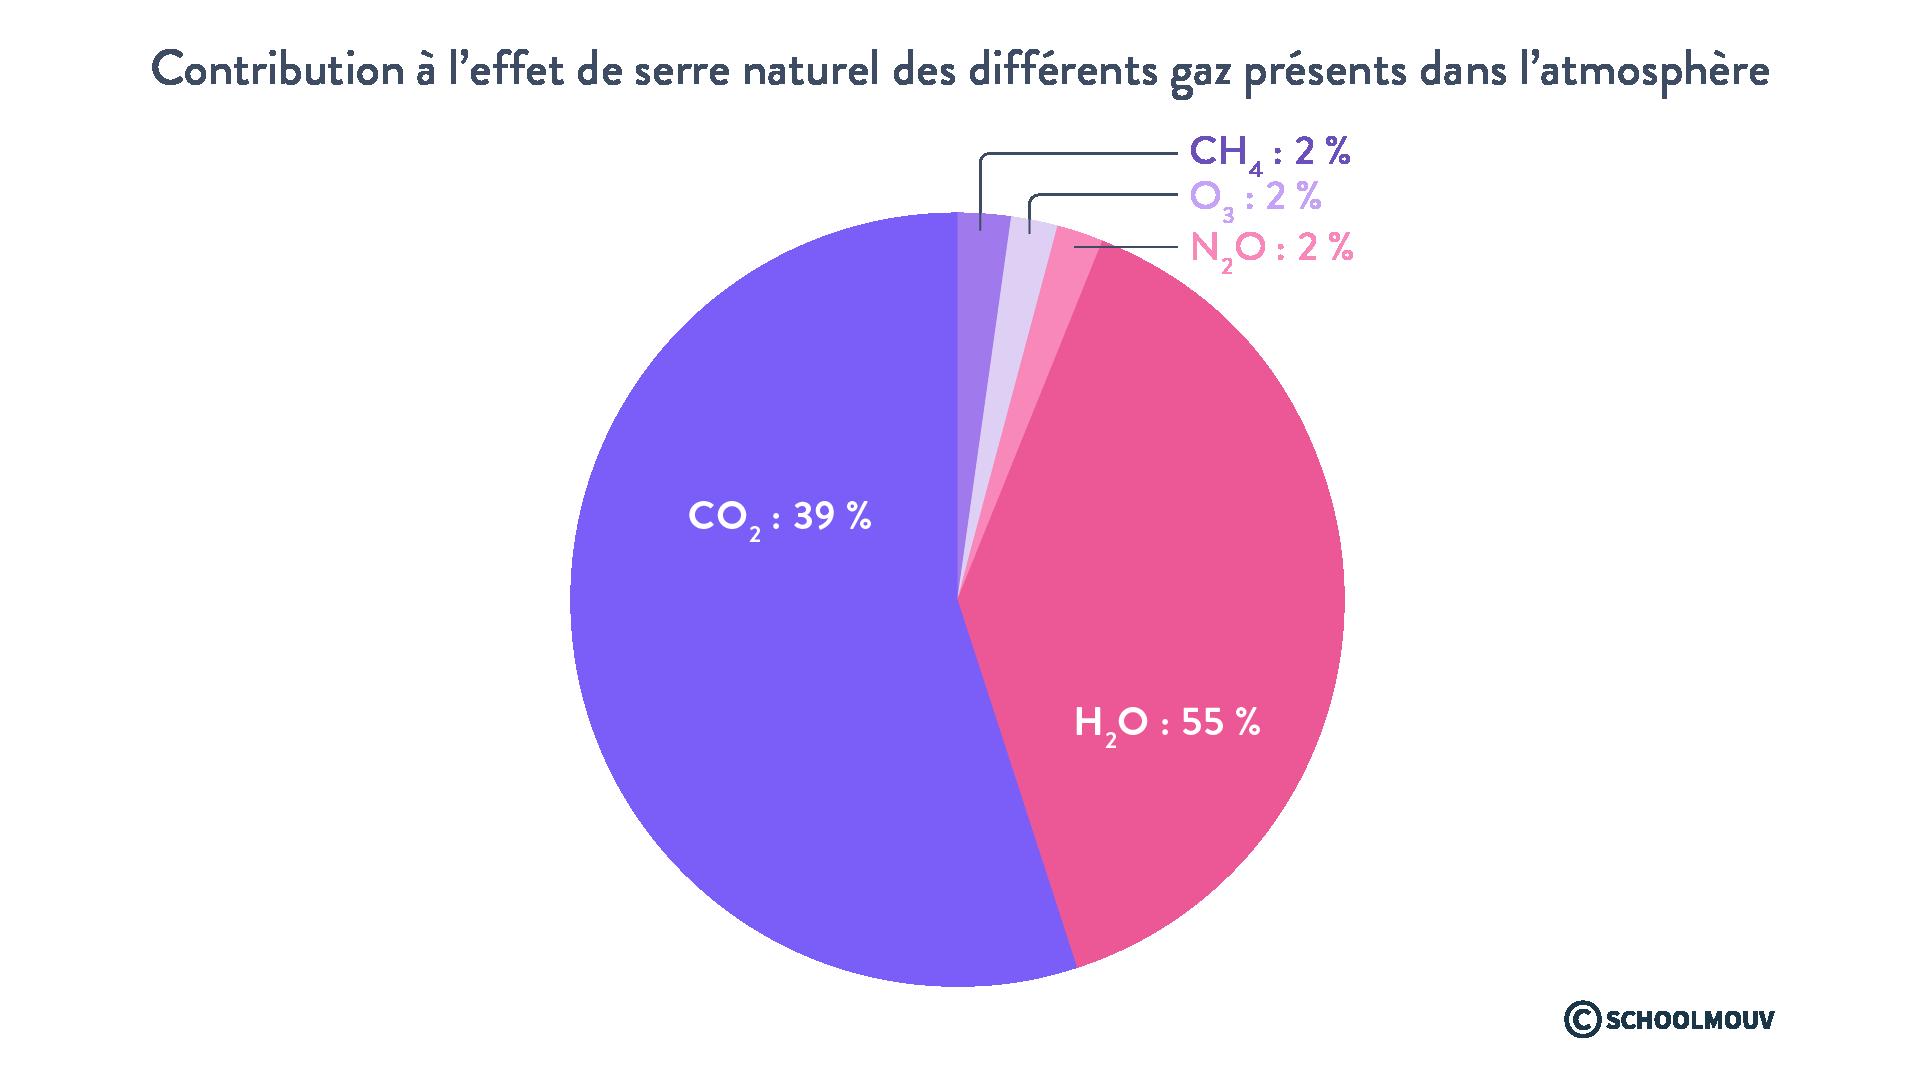 Contribution à l'effet de serre naturel des différents gaz présents dans l'atmosphère